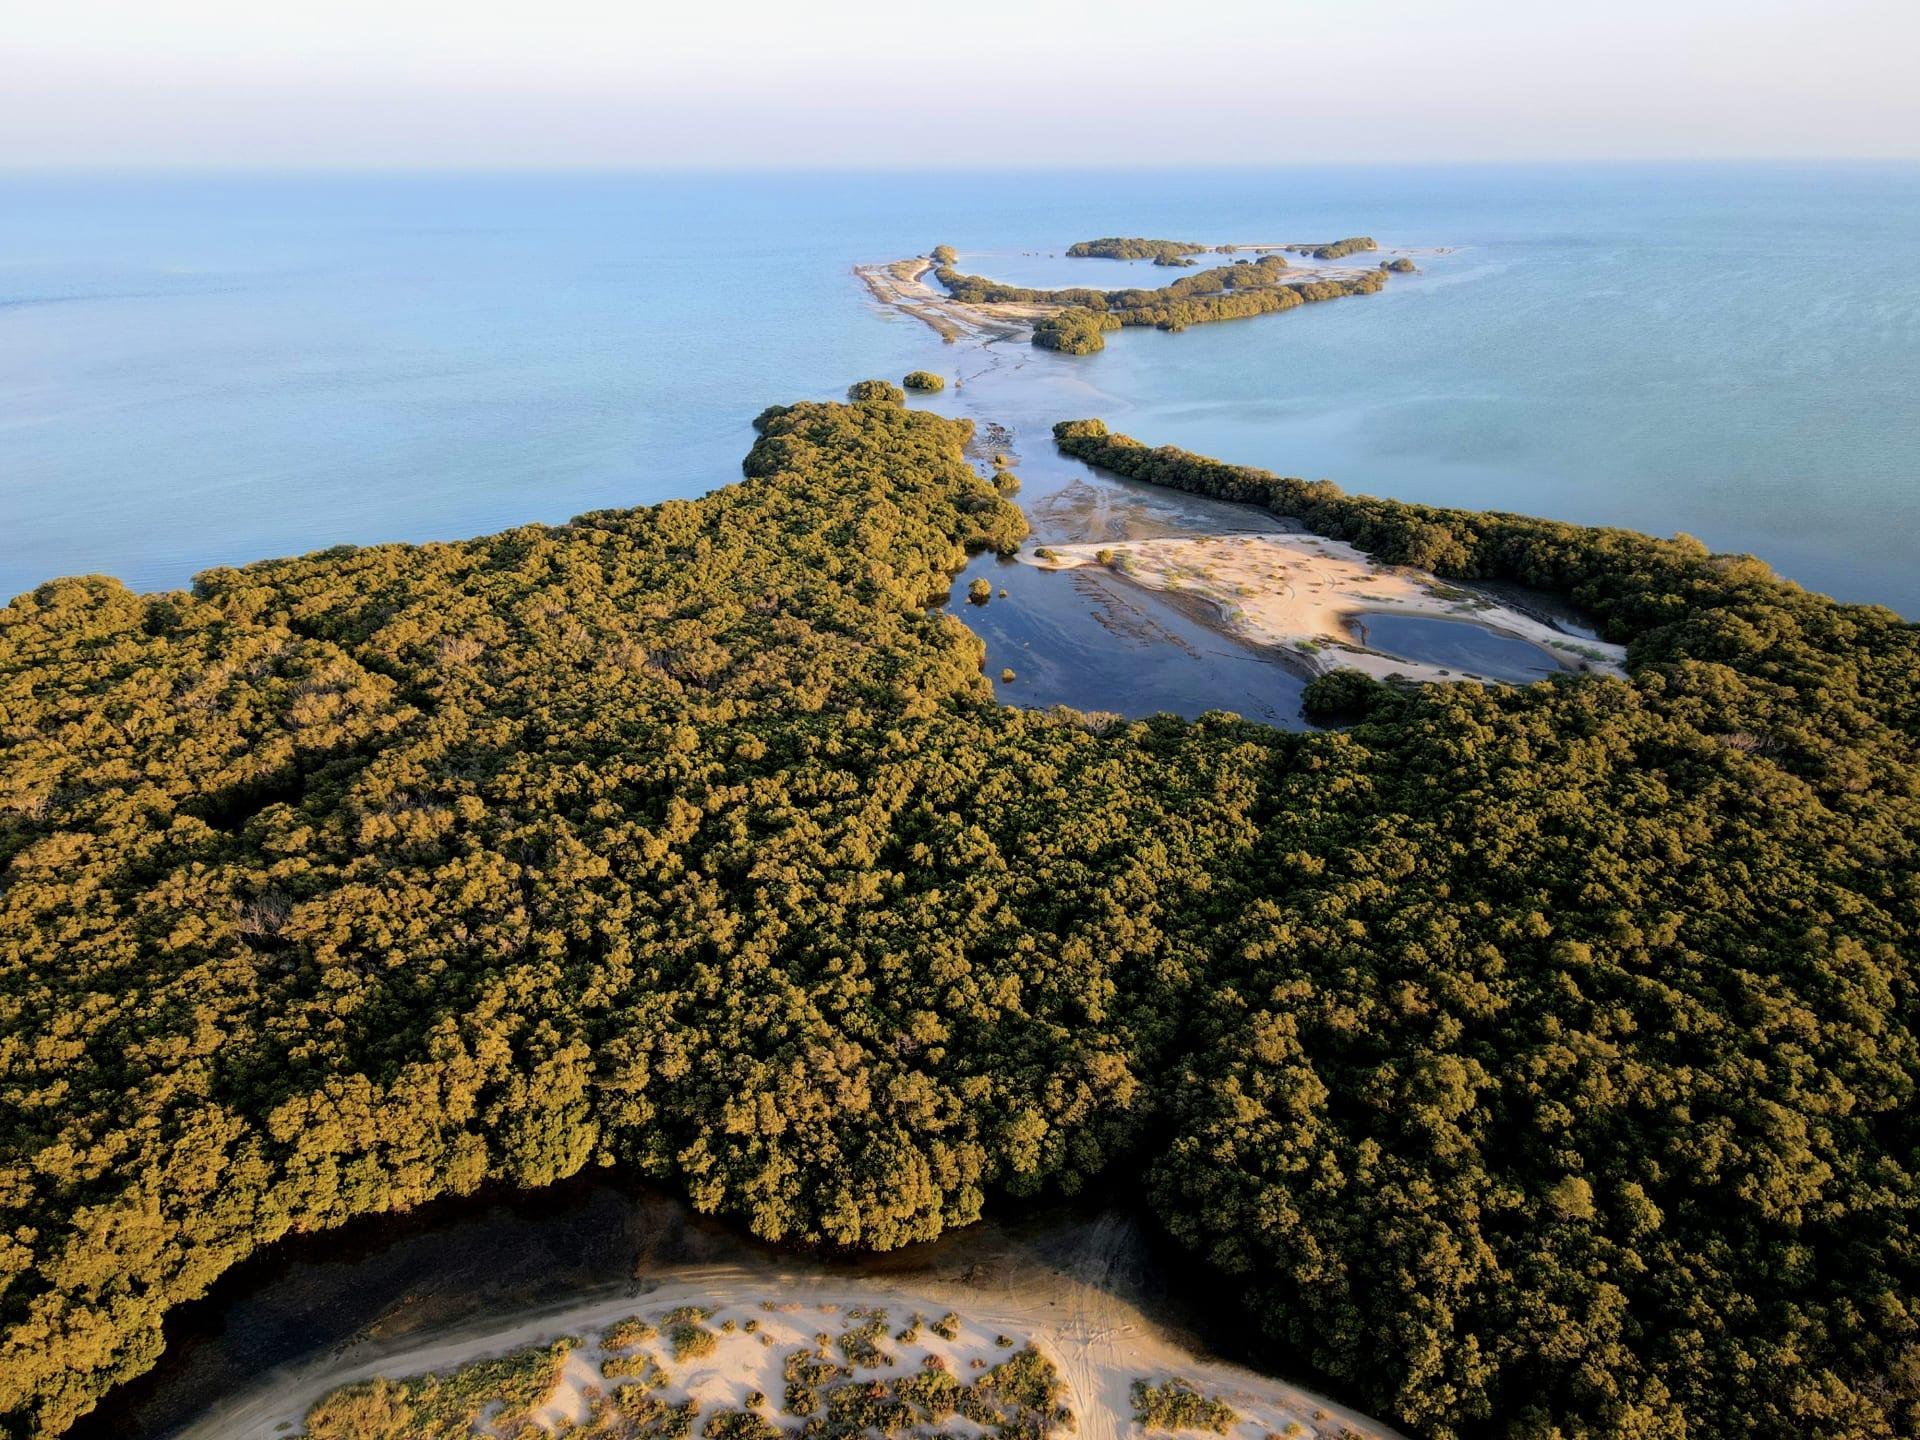 جزيرة بوطينة في أبوظبي